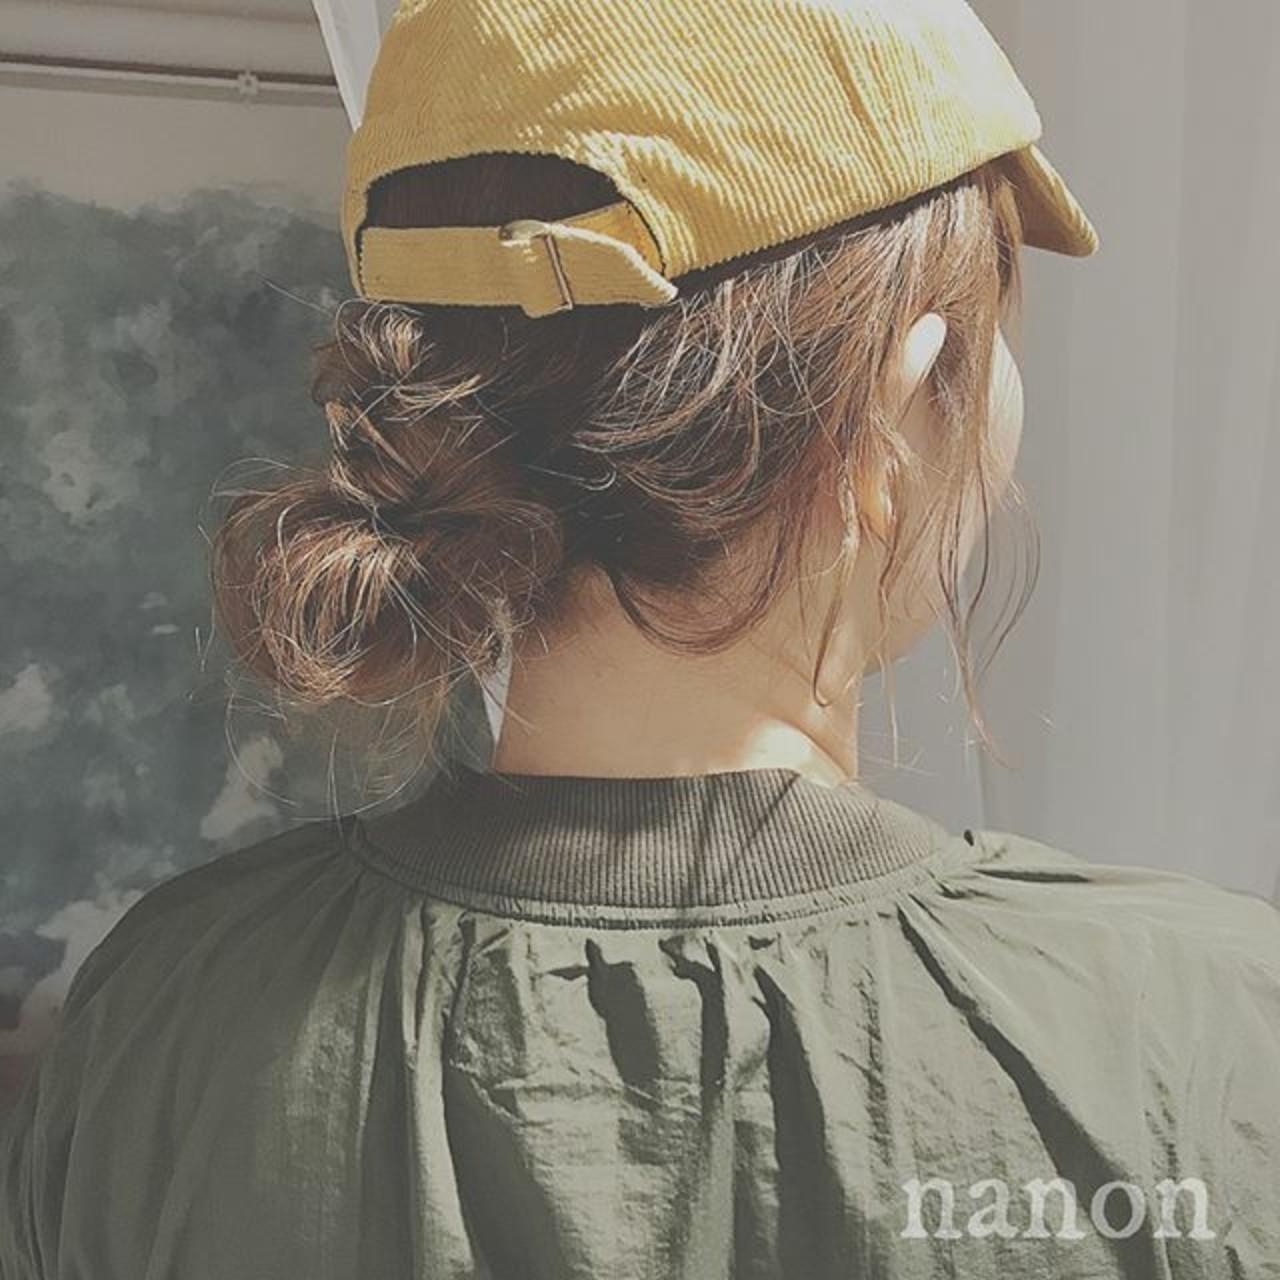 ショートボブ×帽子と合わせて4シーズン楽しむ♡アレンジも紹介!の17枚目の画像